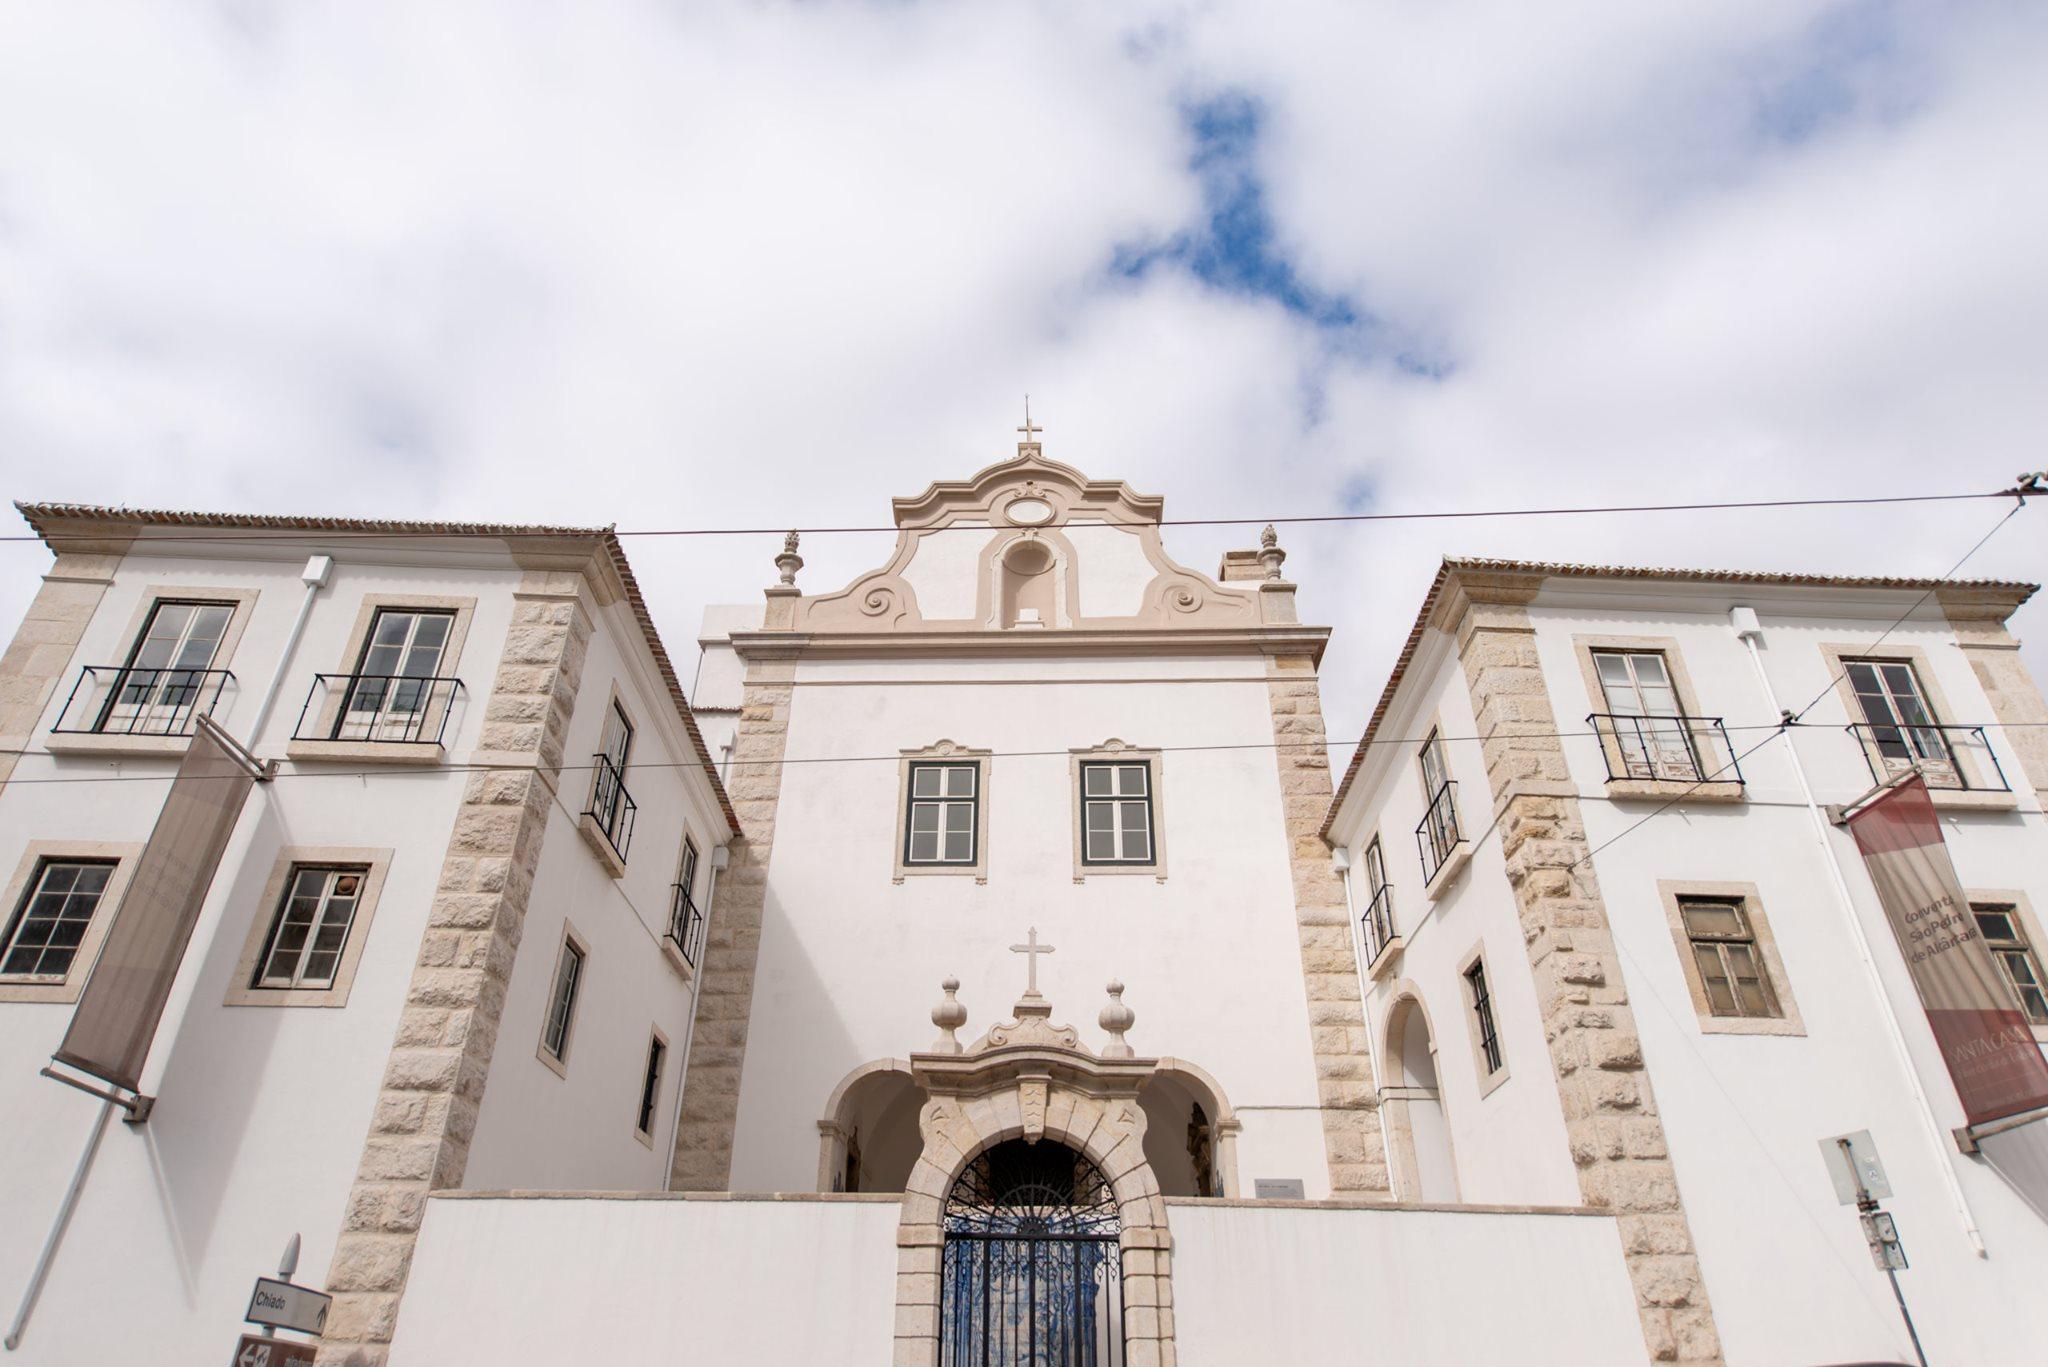 Património ao Domingo - Convento de São Pedro de Alcântara | Visita guiada